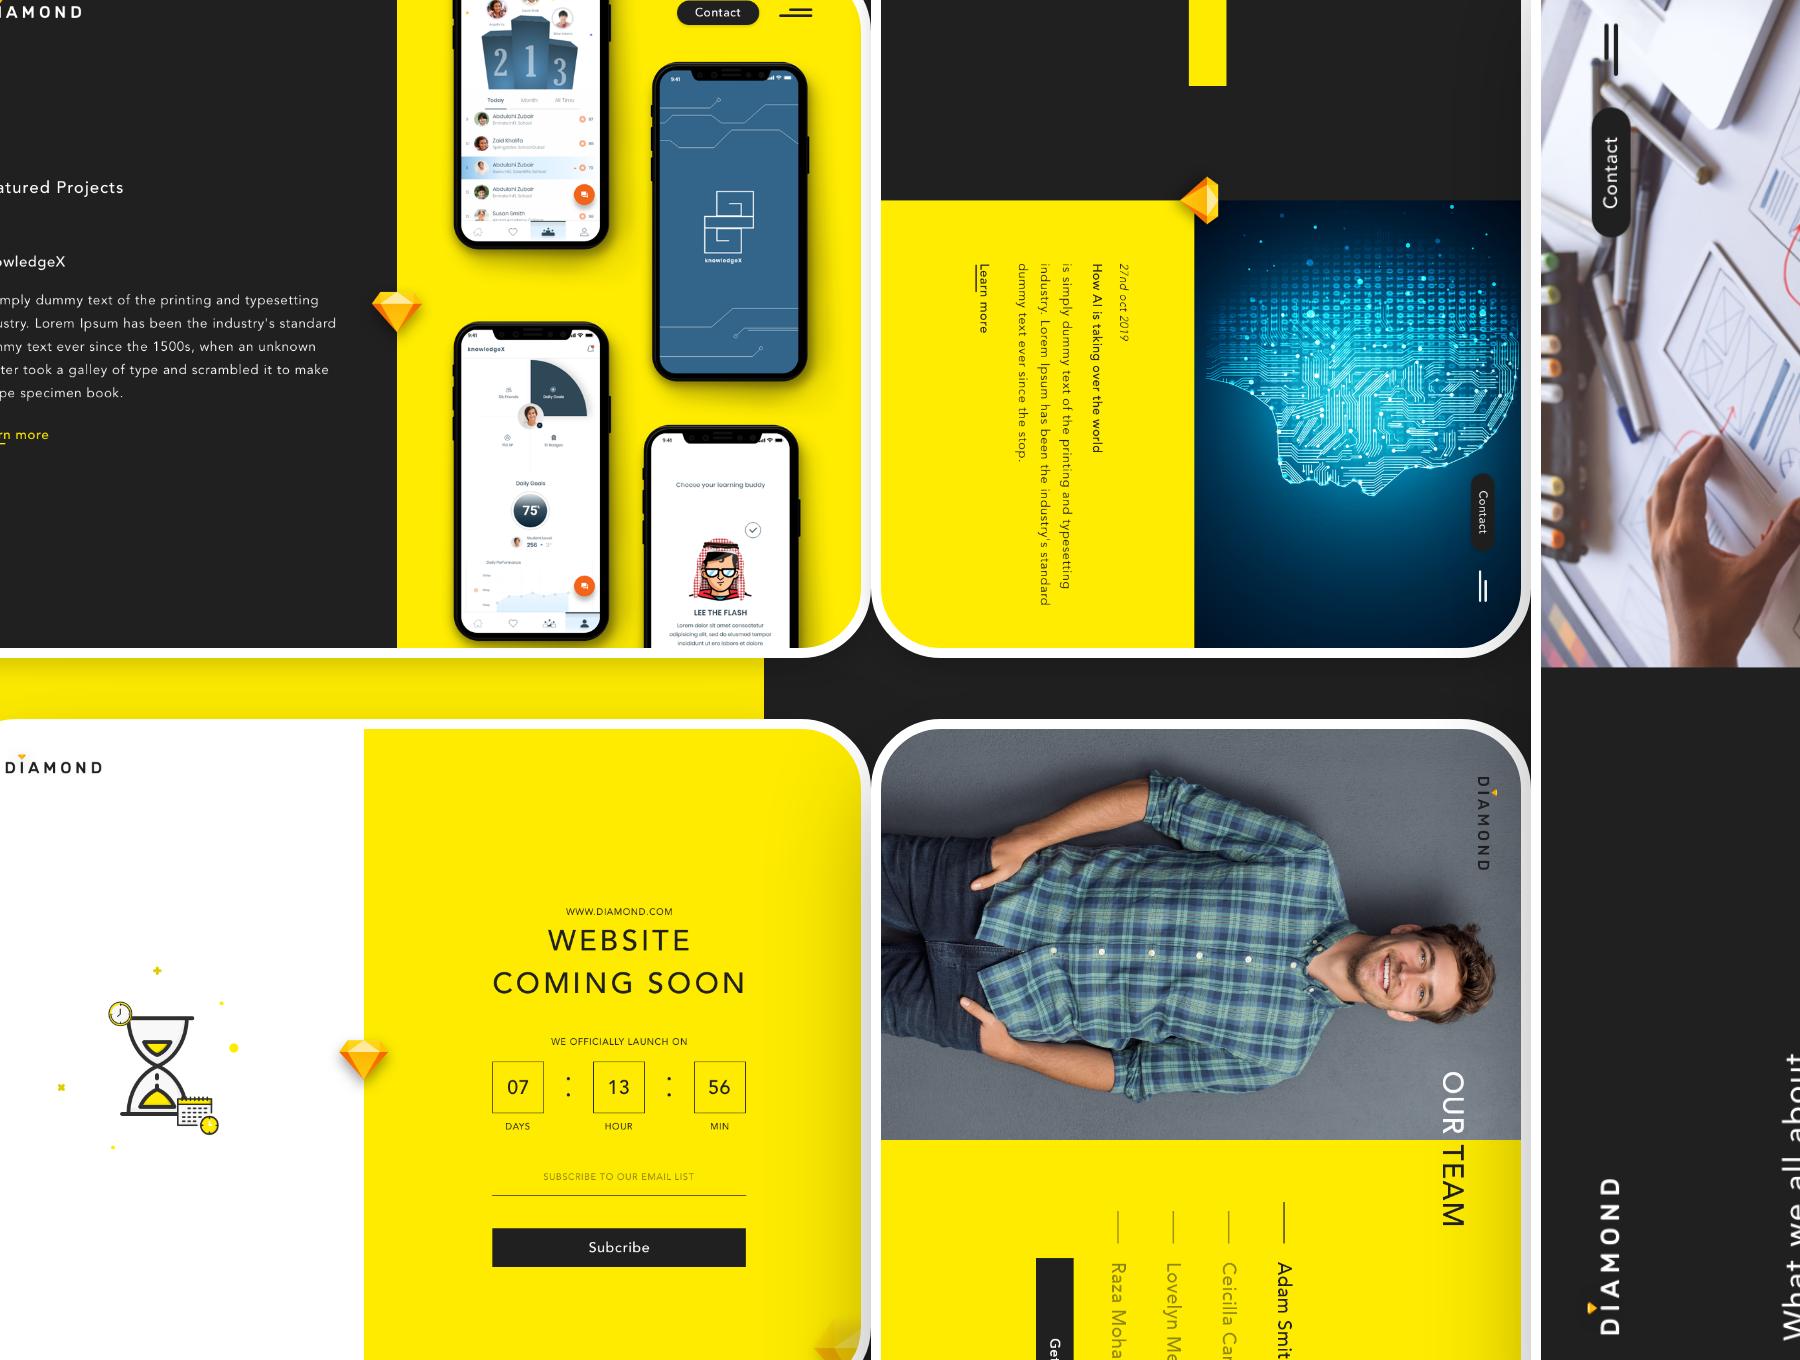 创意简洁公司网站WEB UI界面设计模板套件 Diamond UI Web Template插图(5)